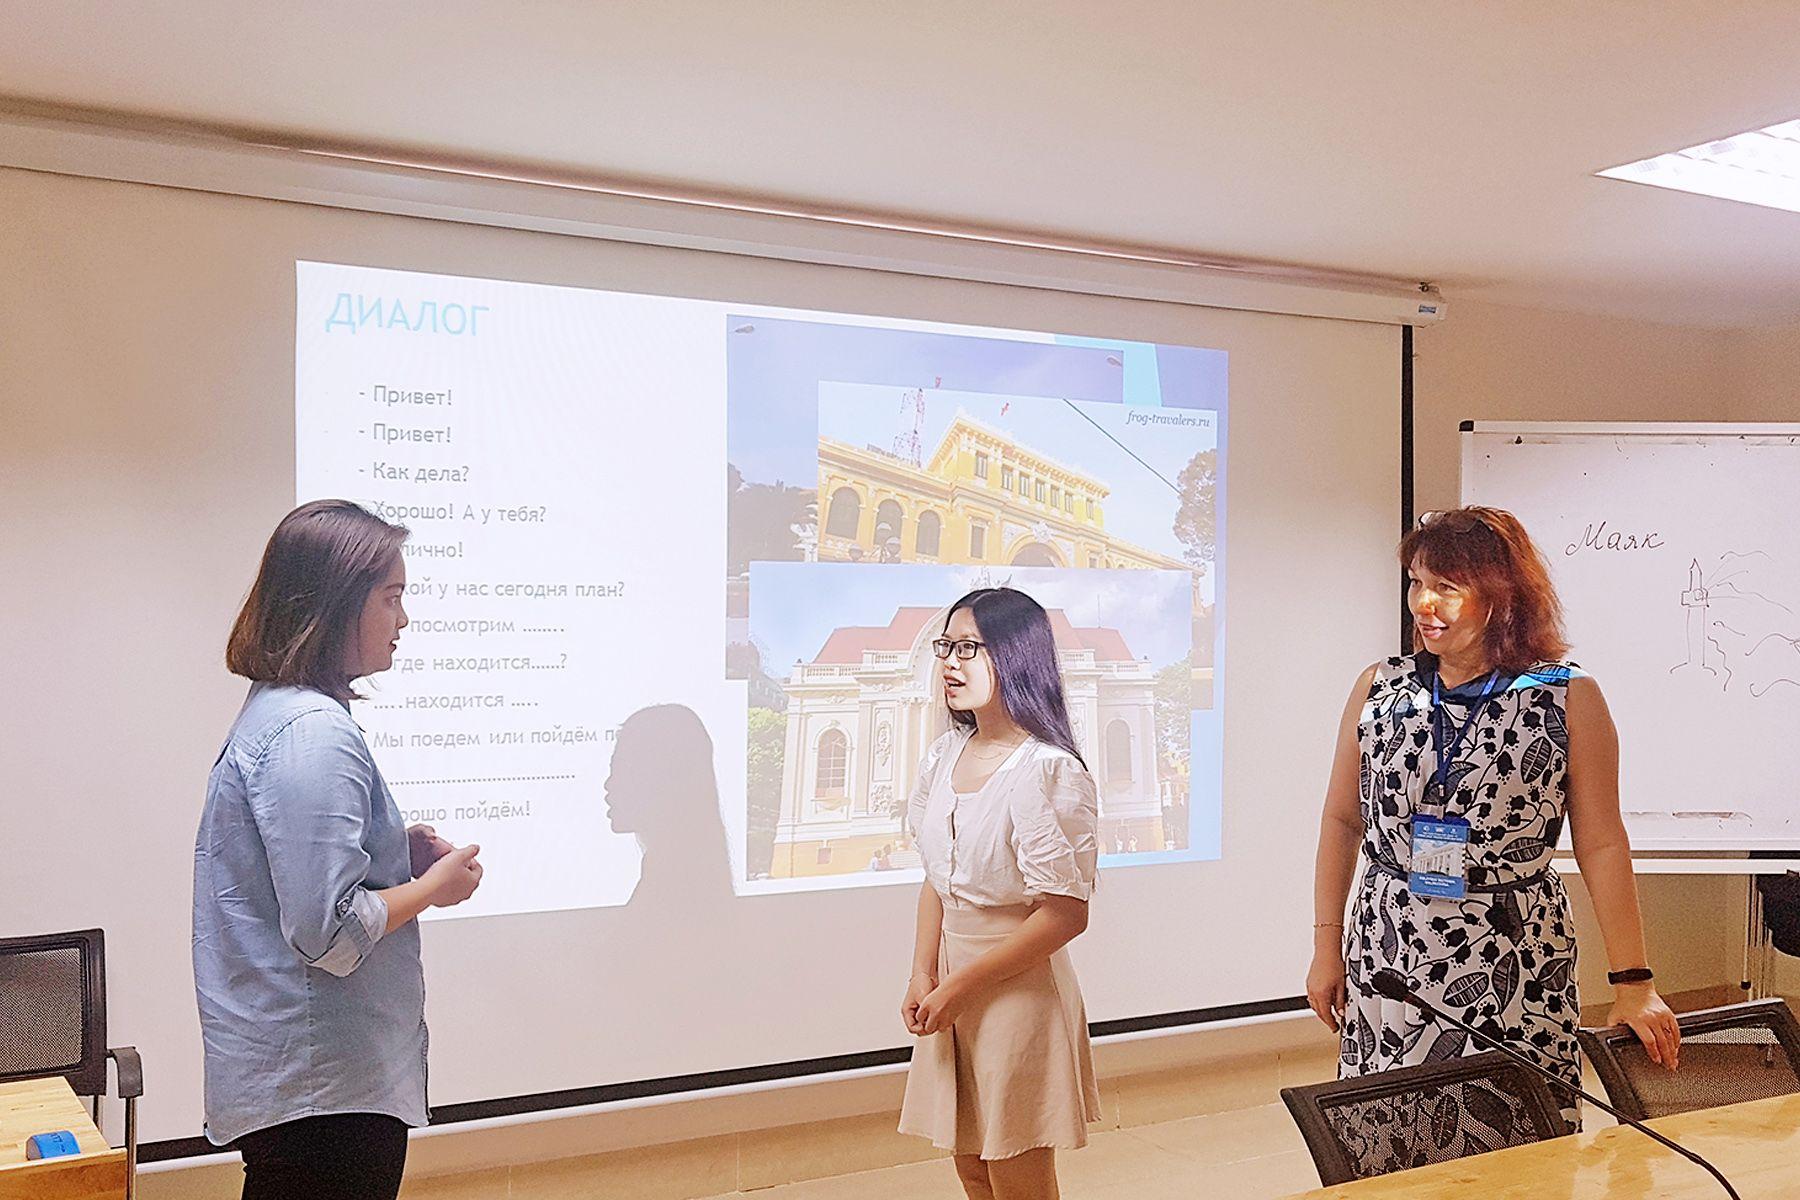 Онлайн-курсы: преподаватели ВГУЭС знакомят вьетнамских студентов с университетом